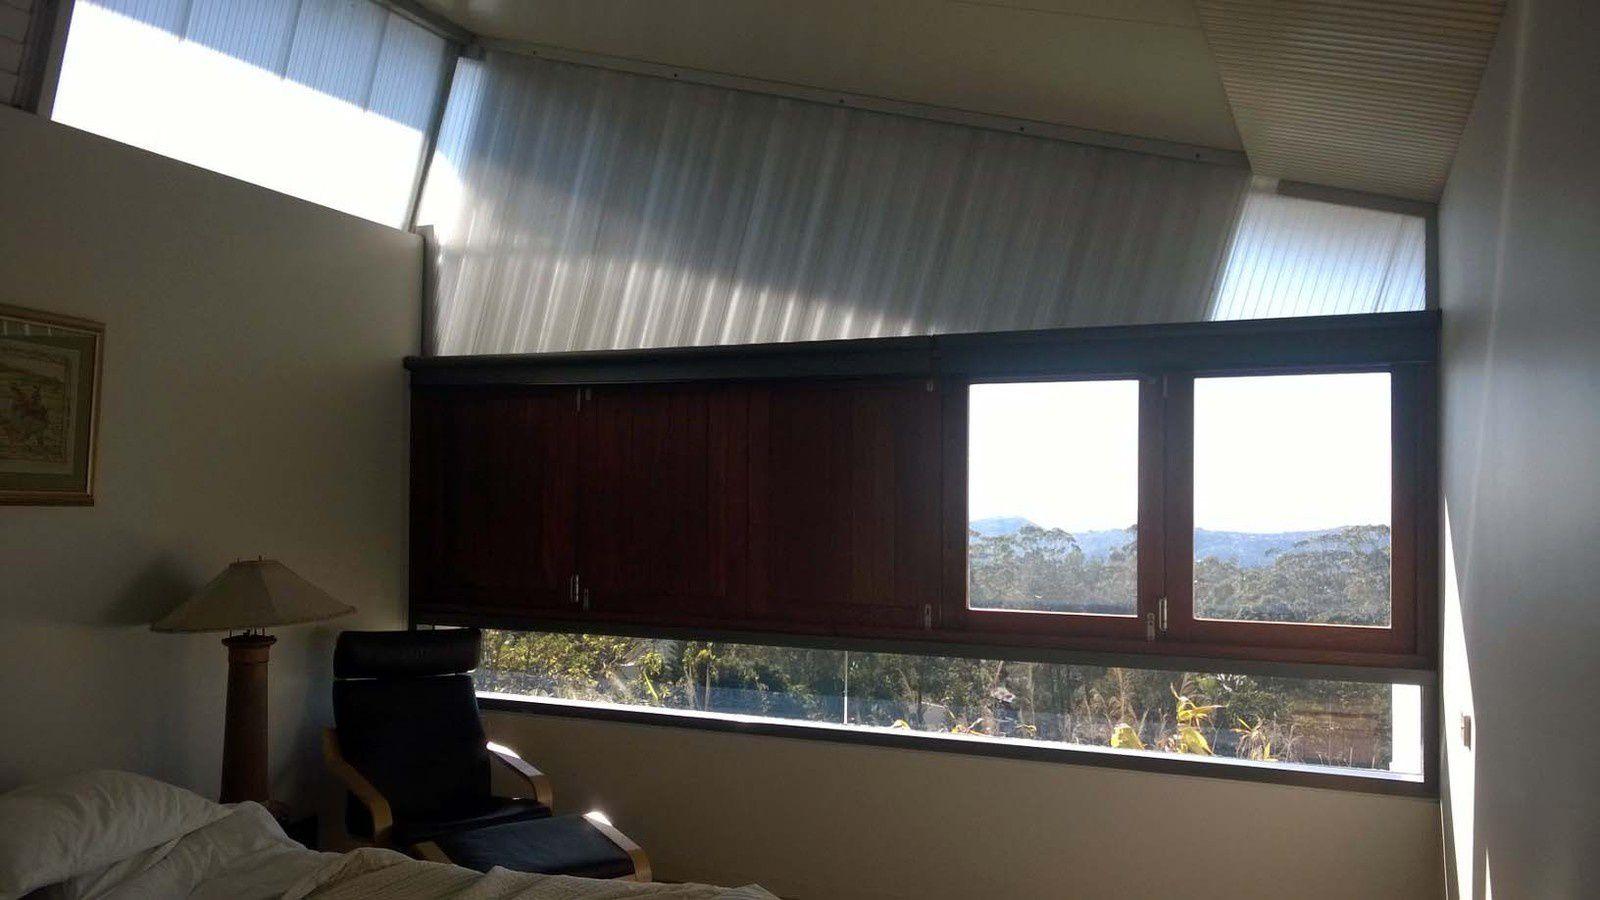 Les vues de la chambre sont spectaculaires avec une fenêtre en longueur à la hauteur du lit qui permet de voir les lumières de la Gold Coast la nuit